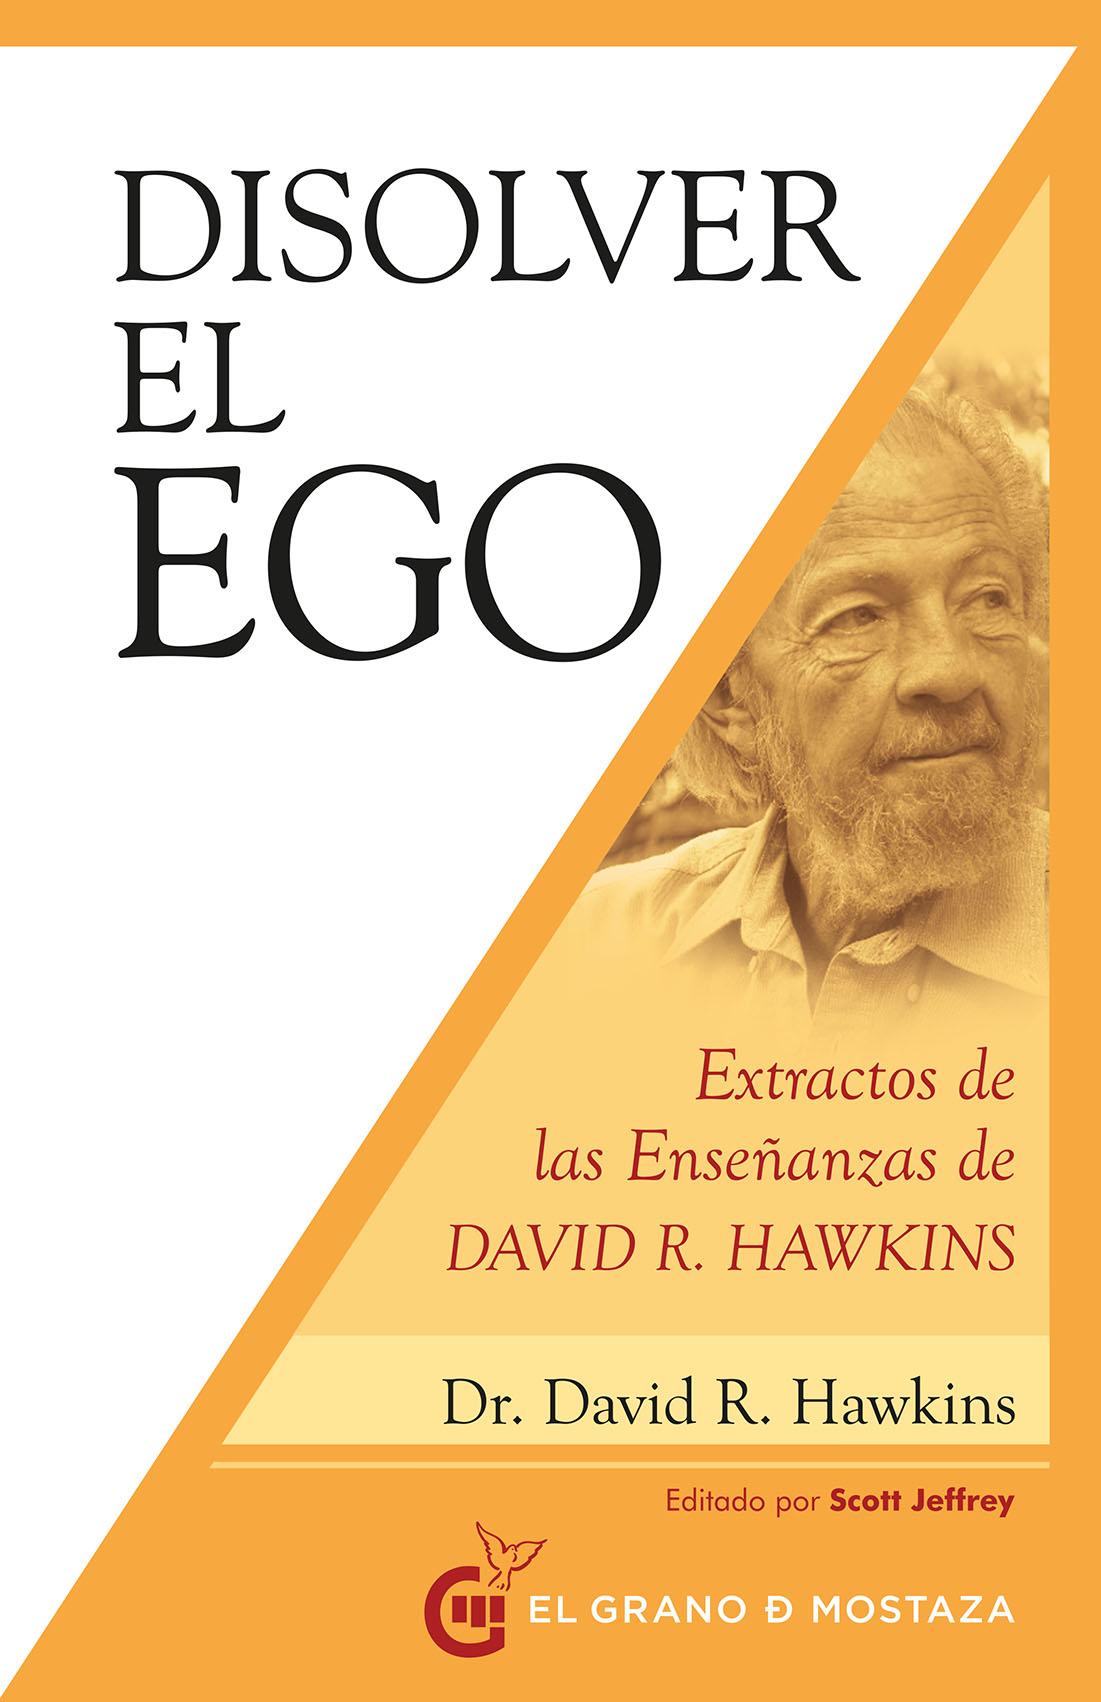 Portada-Disolver-el-Ego-David-R.-Hawkins